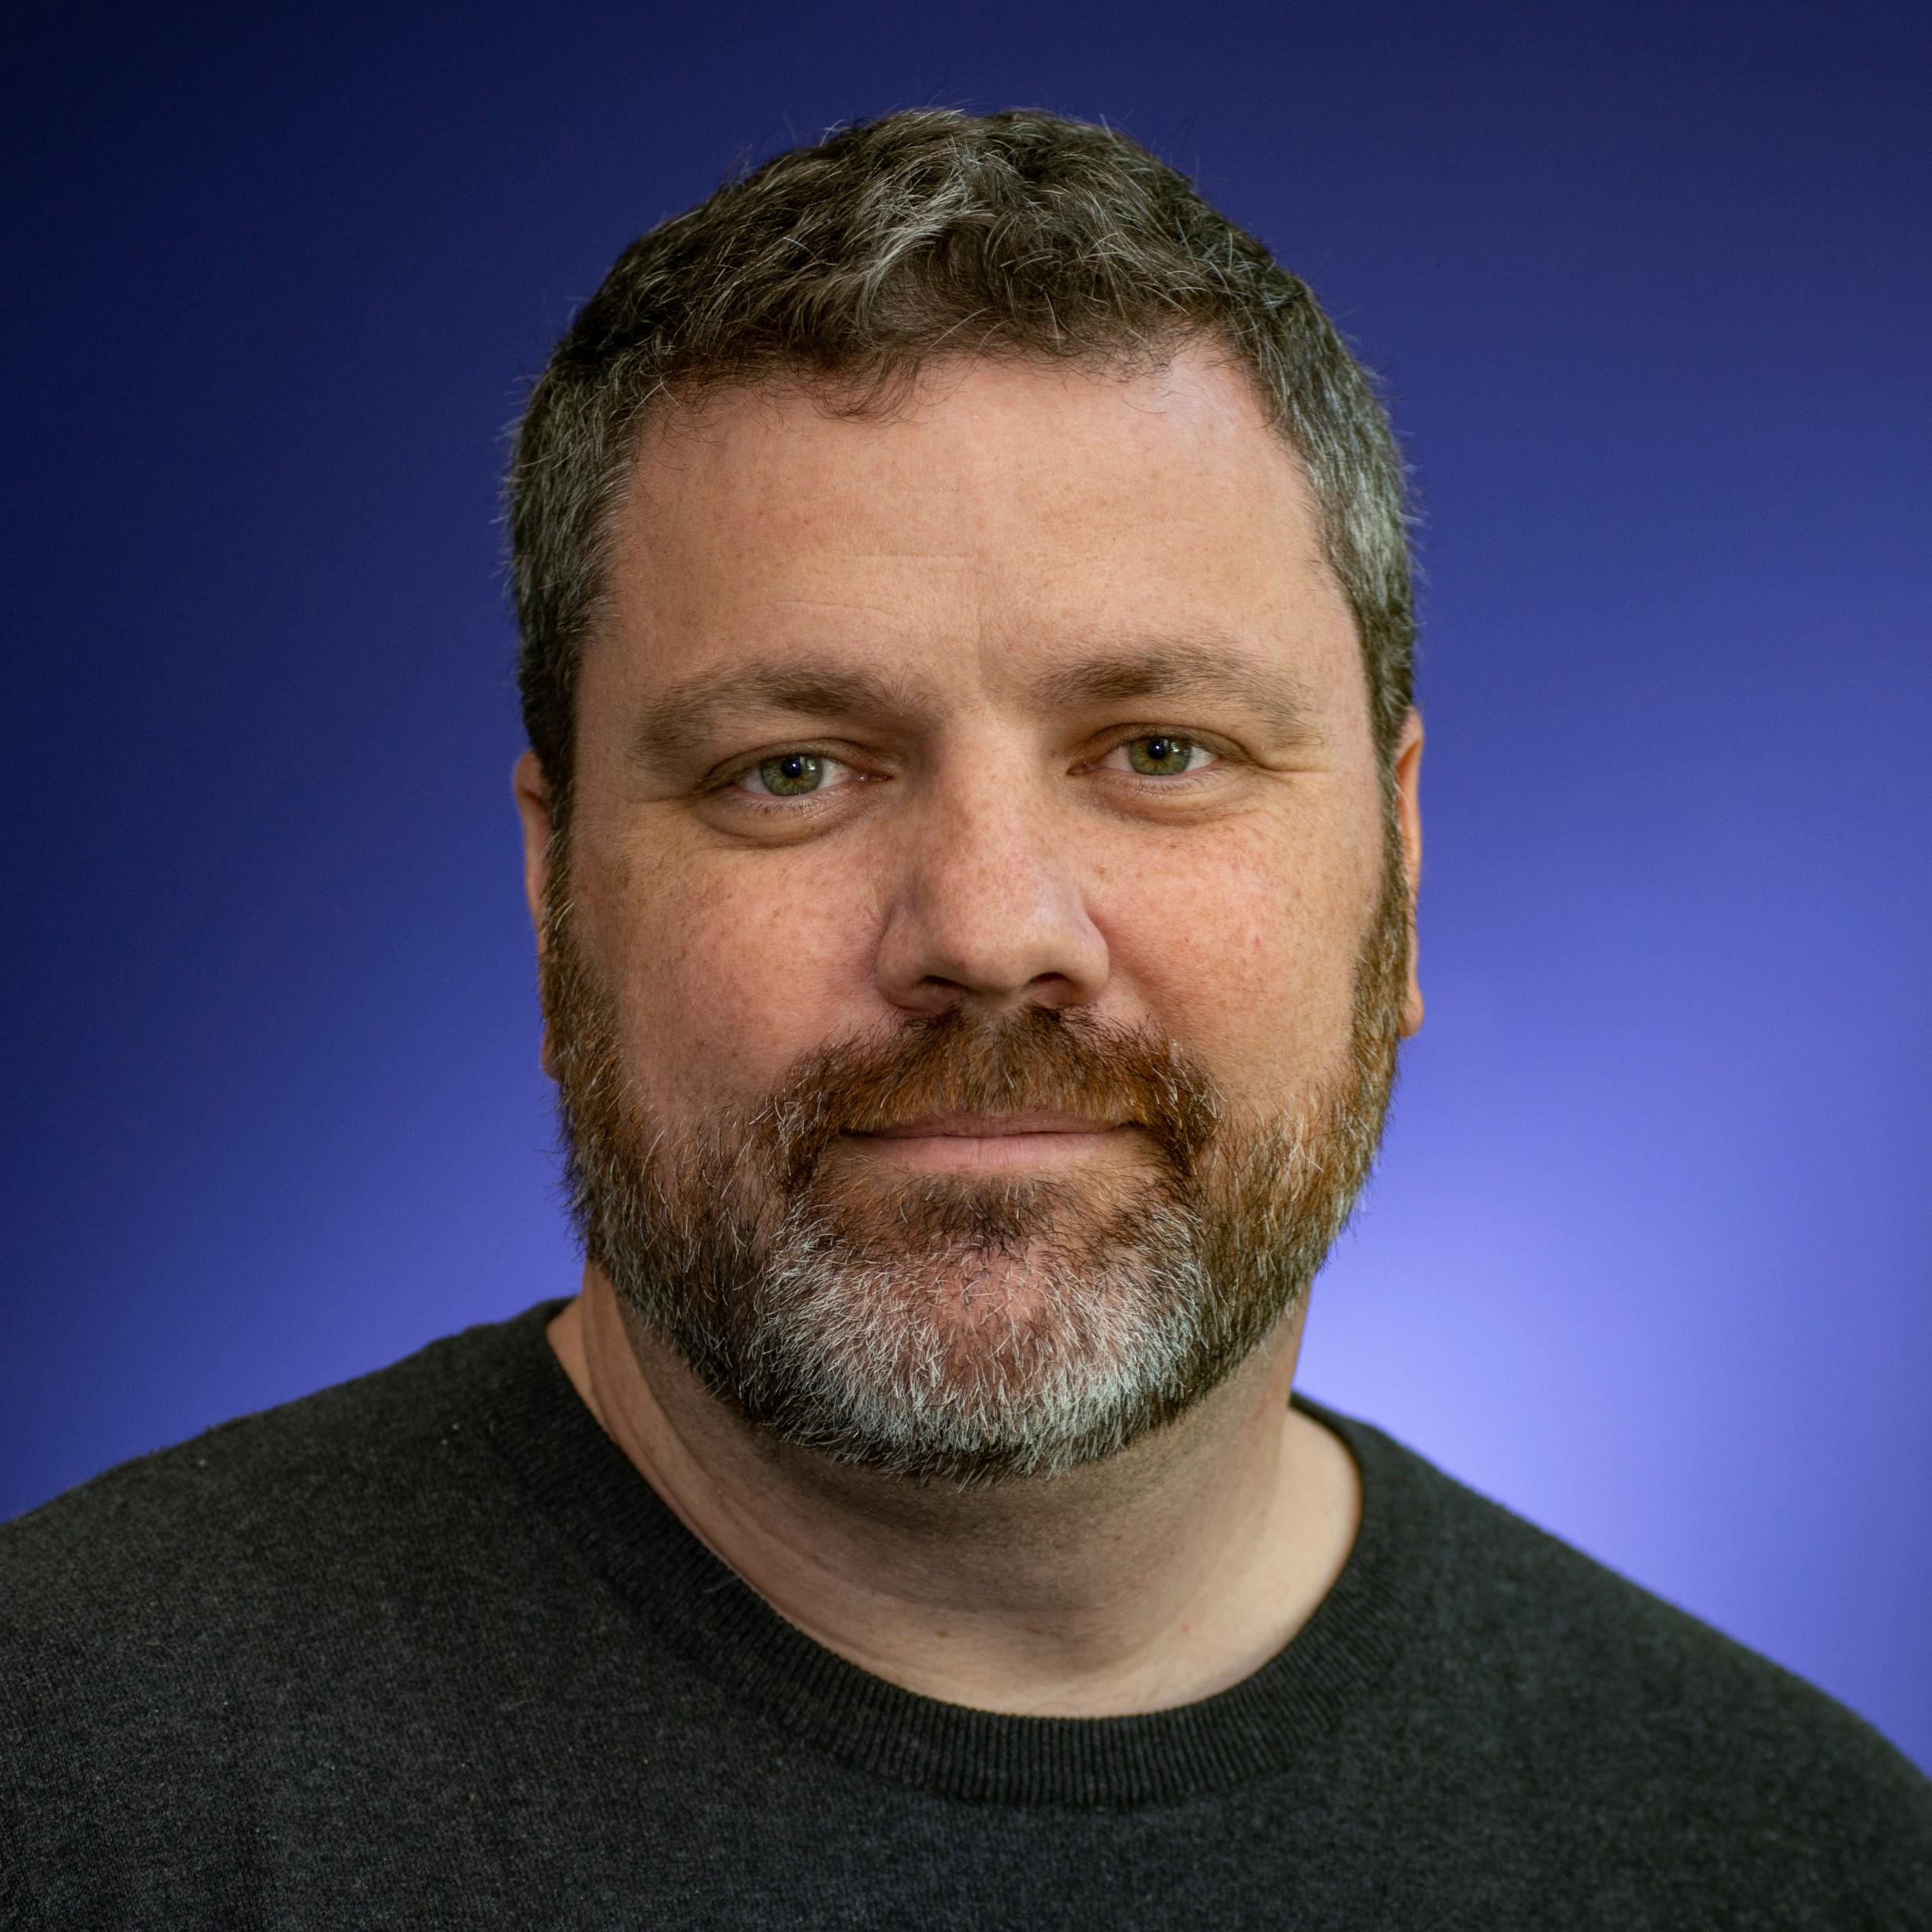 Photo of Noah Sather